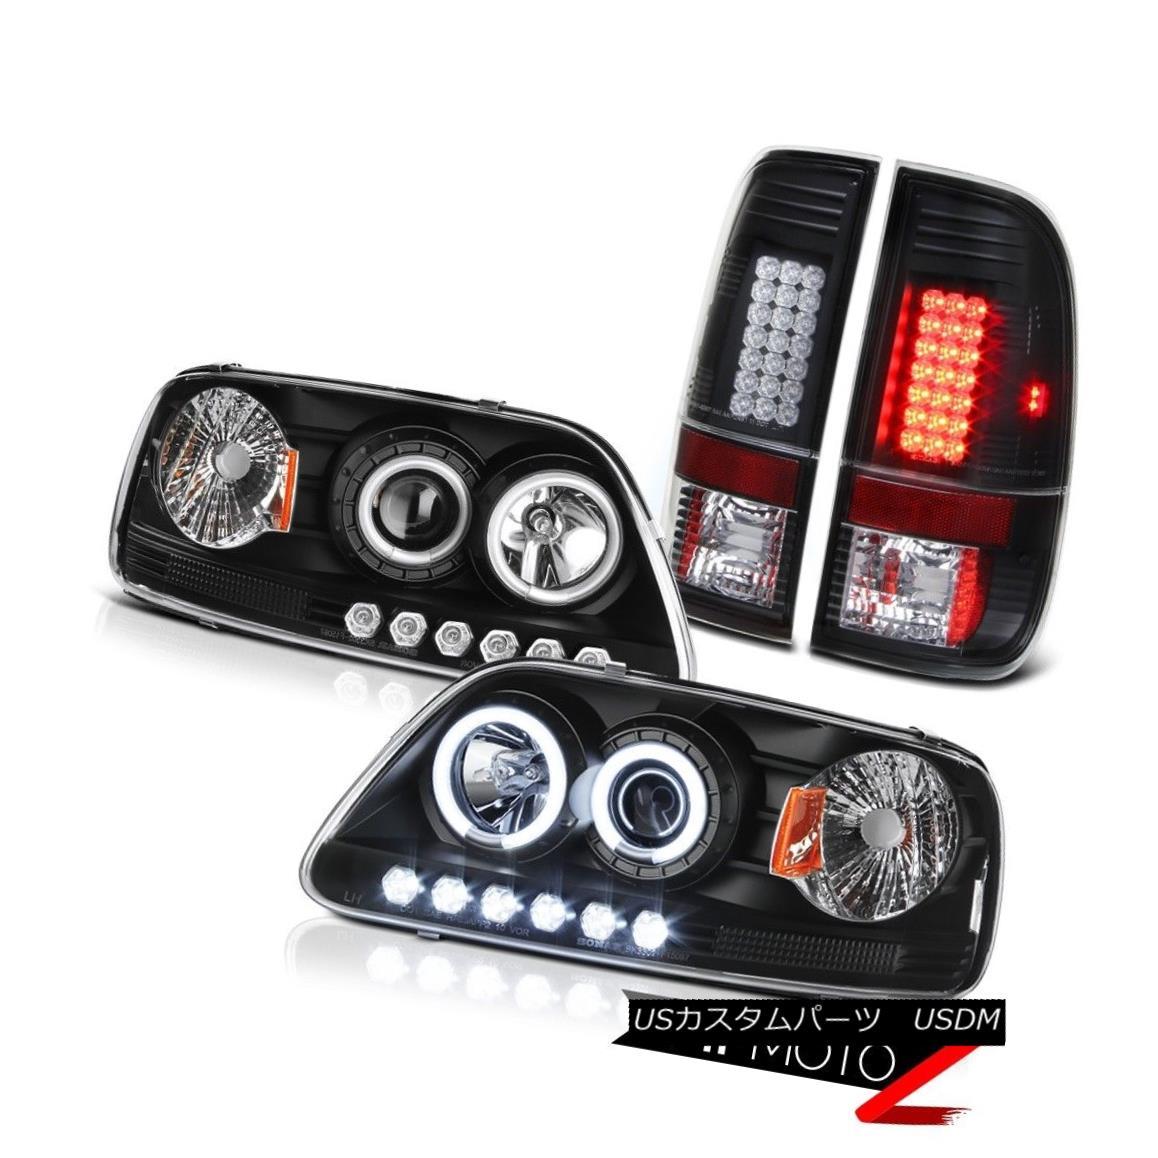 ヘッドライト Devil Eye CCFL Halo Headlight 1999 2000 2001 F150 Hertiage Black LED Tail Lights デビルアイCCFL Haloヘッドライト1999 2000 2001 F150 Heritage Black LEDテールライト